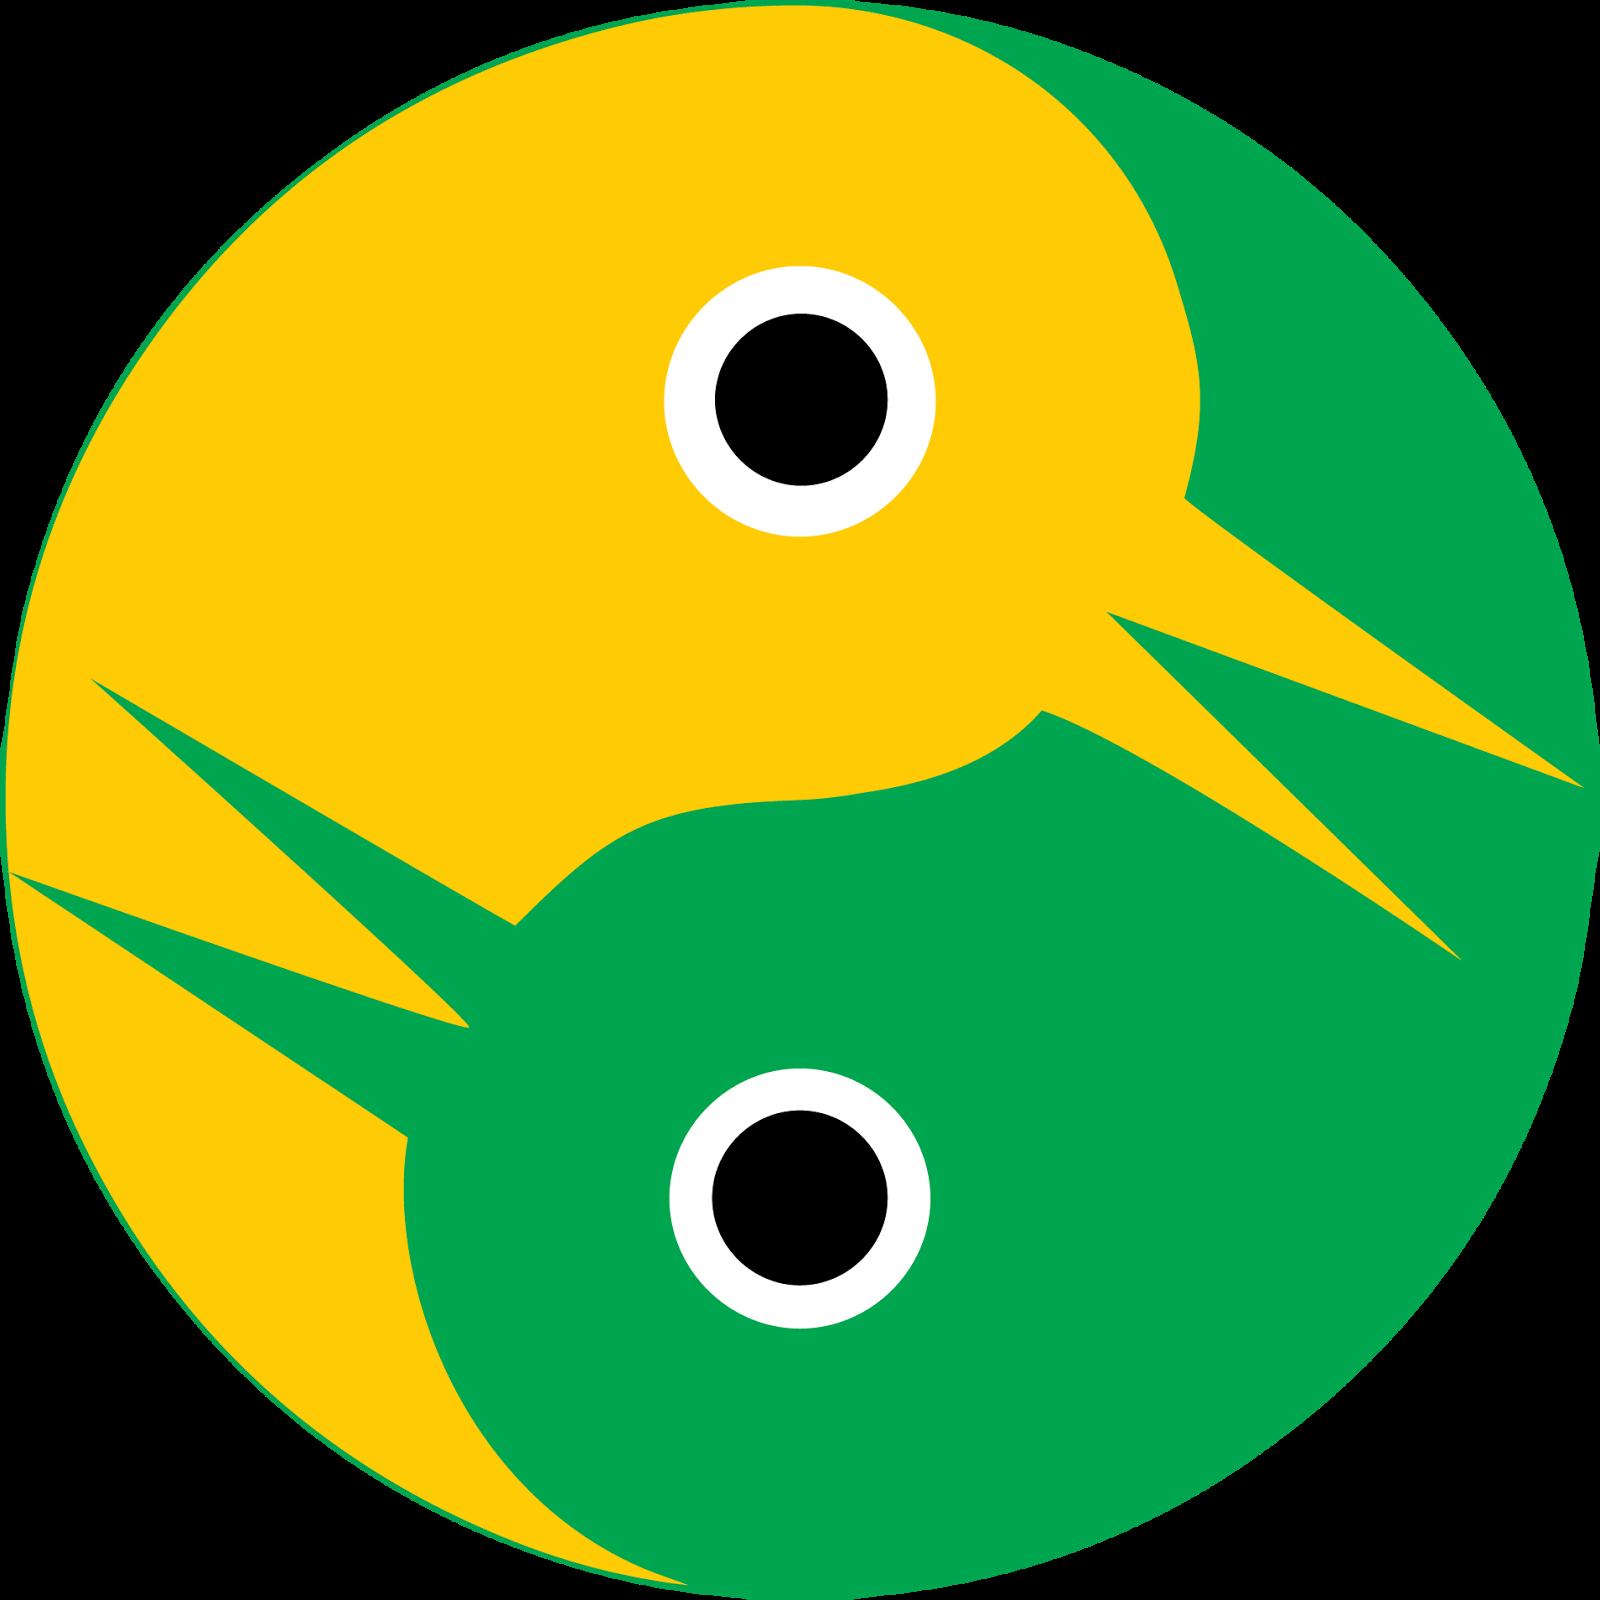 RODA DE PASSARINHO